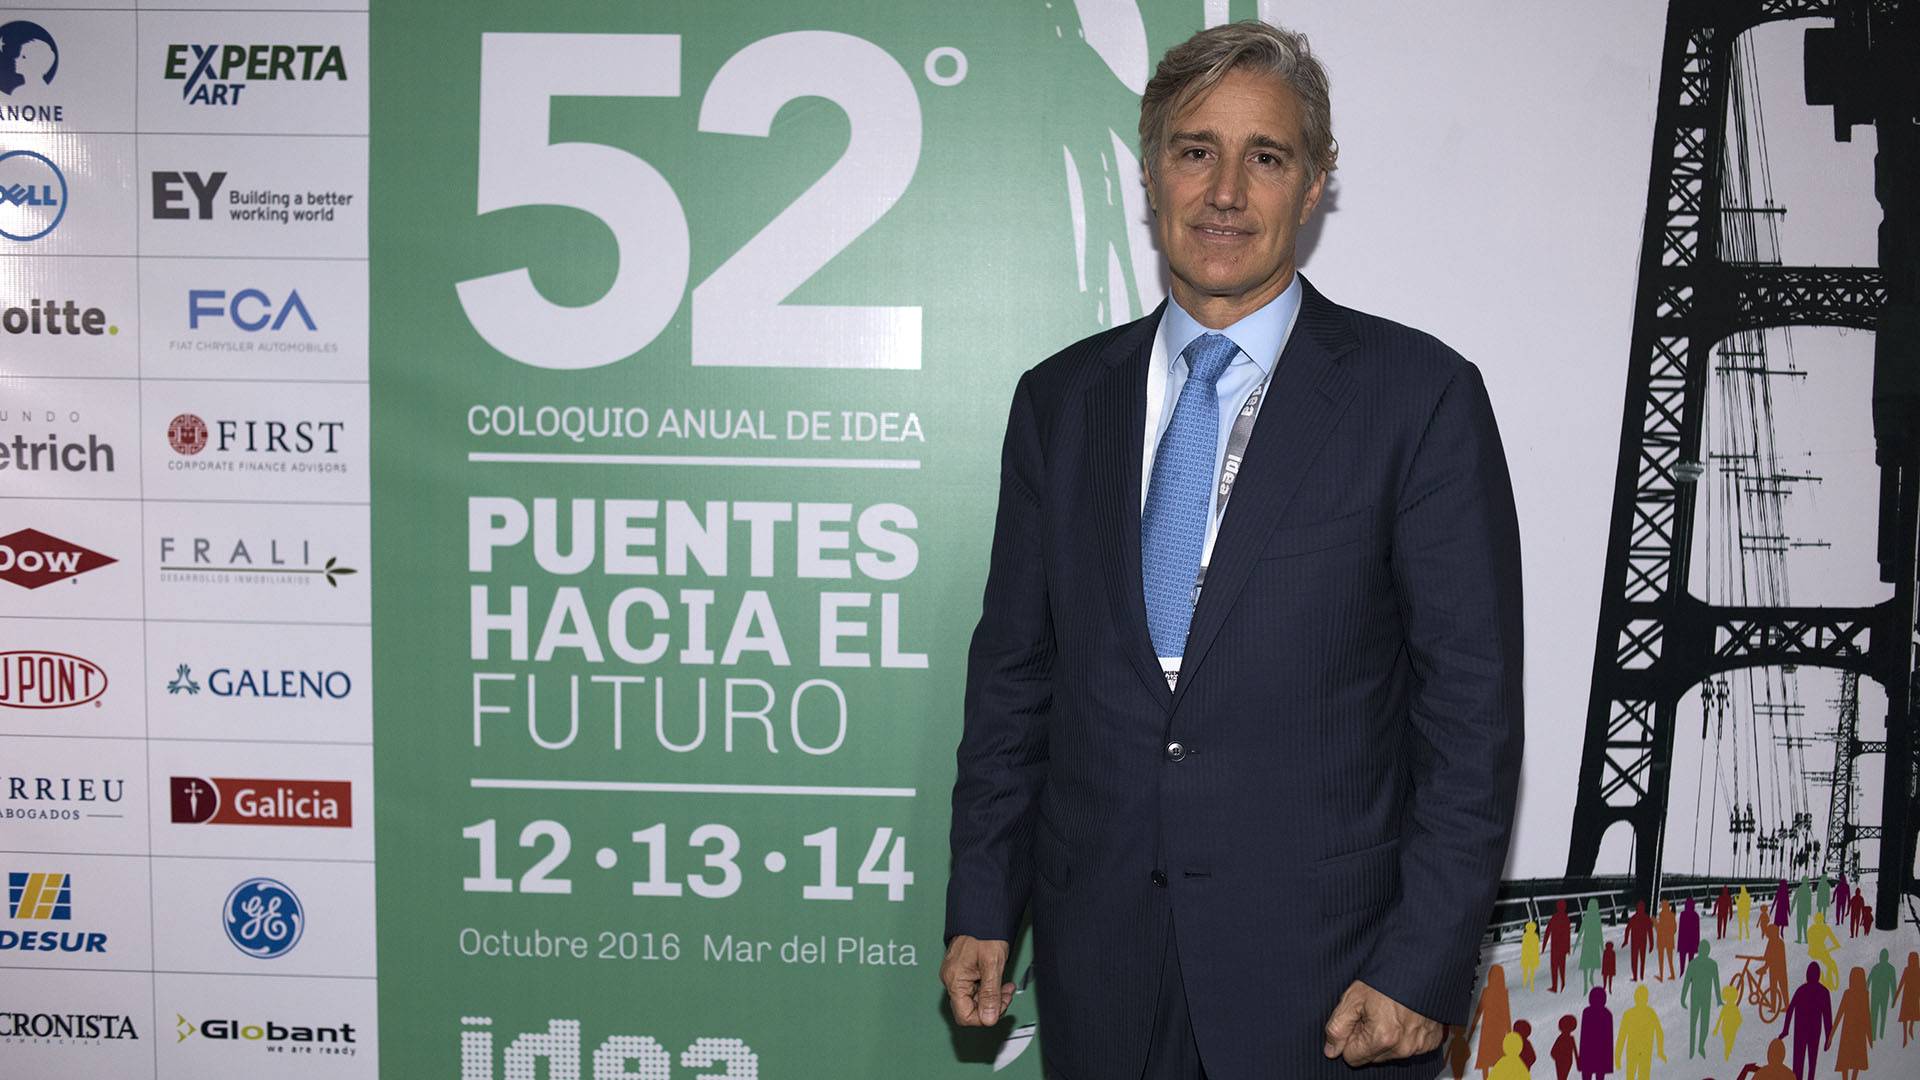 El presidente de Laboratorios Richmond, Marcelo Figueiras